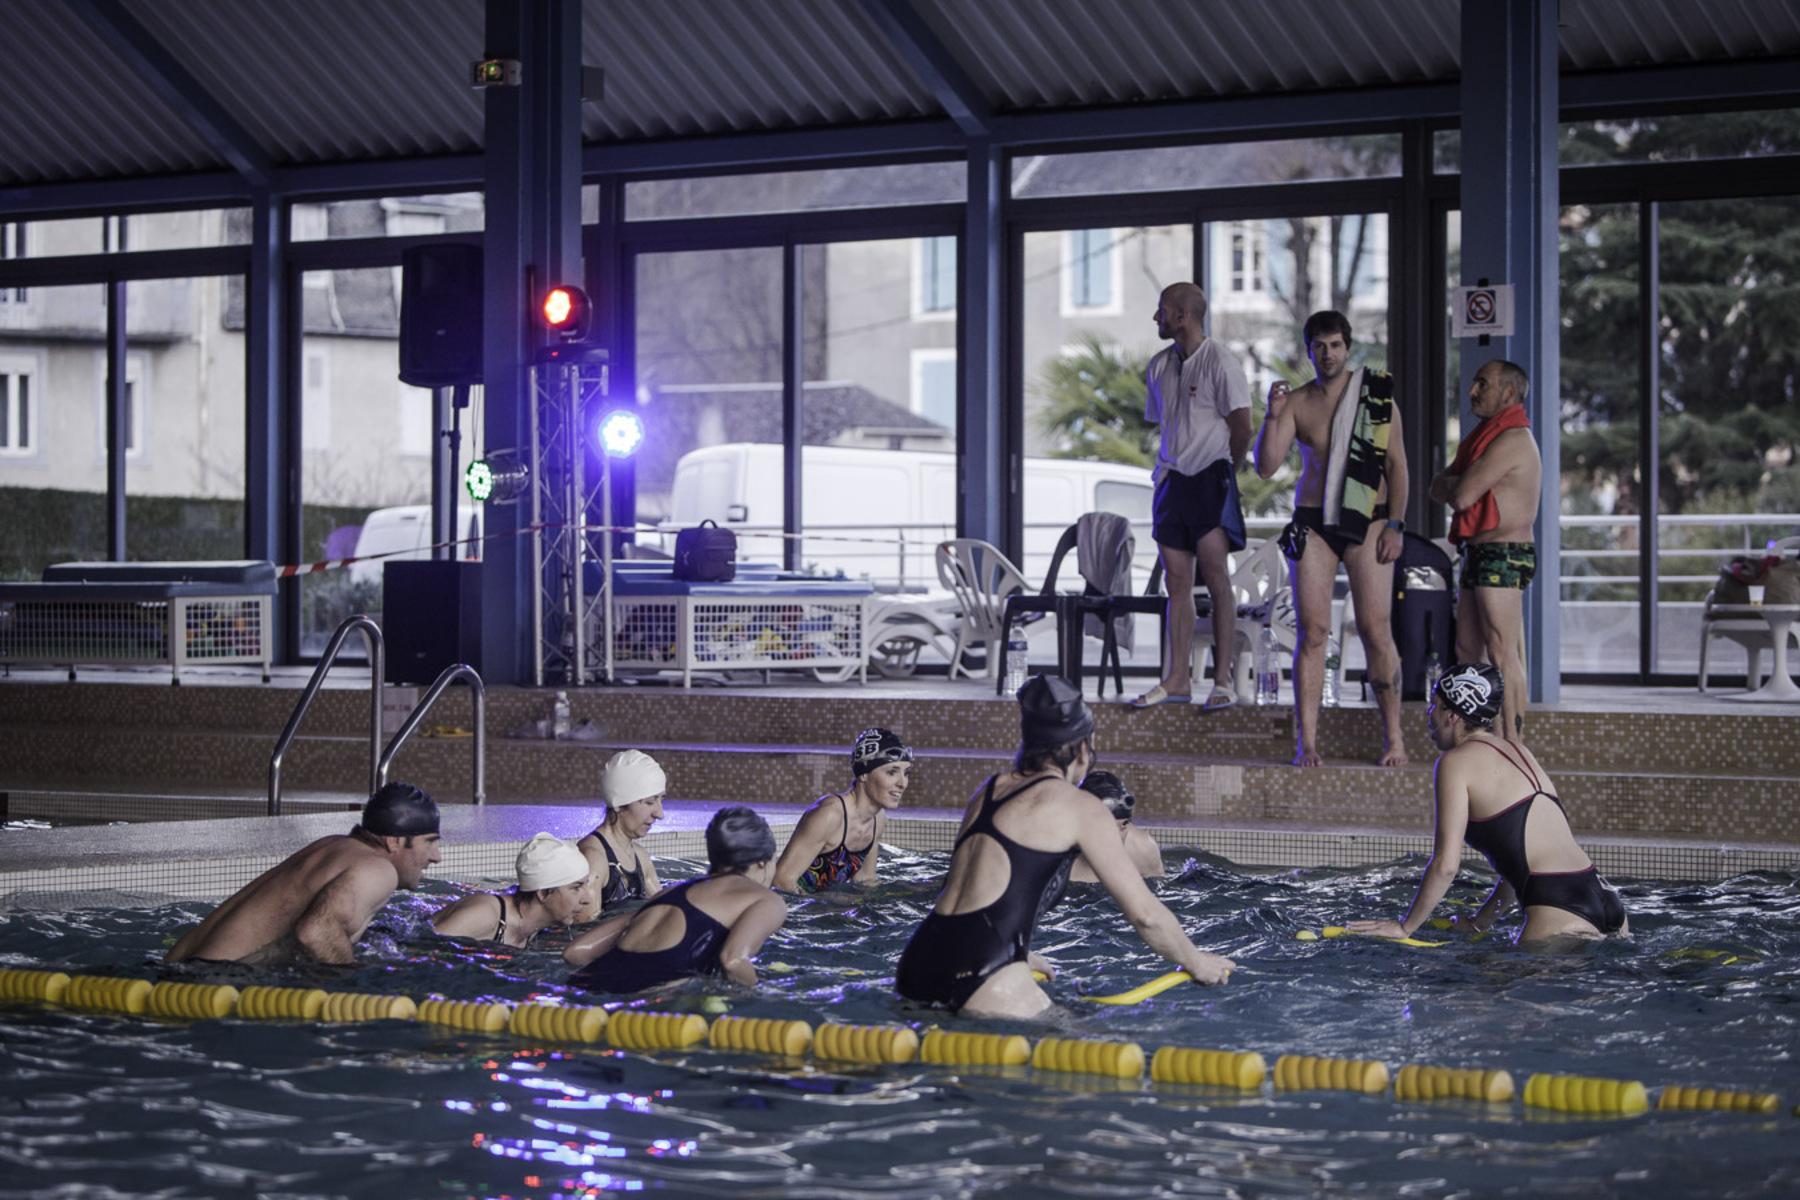 Fermeture exceptionnelle de la piscine actualit s - Piscine bagneres de bigorre ...